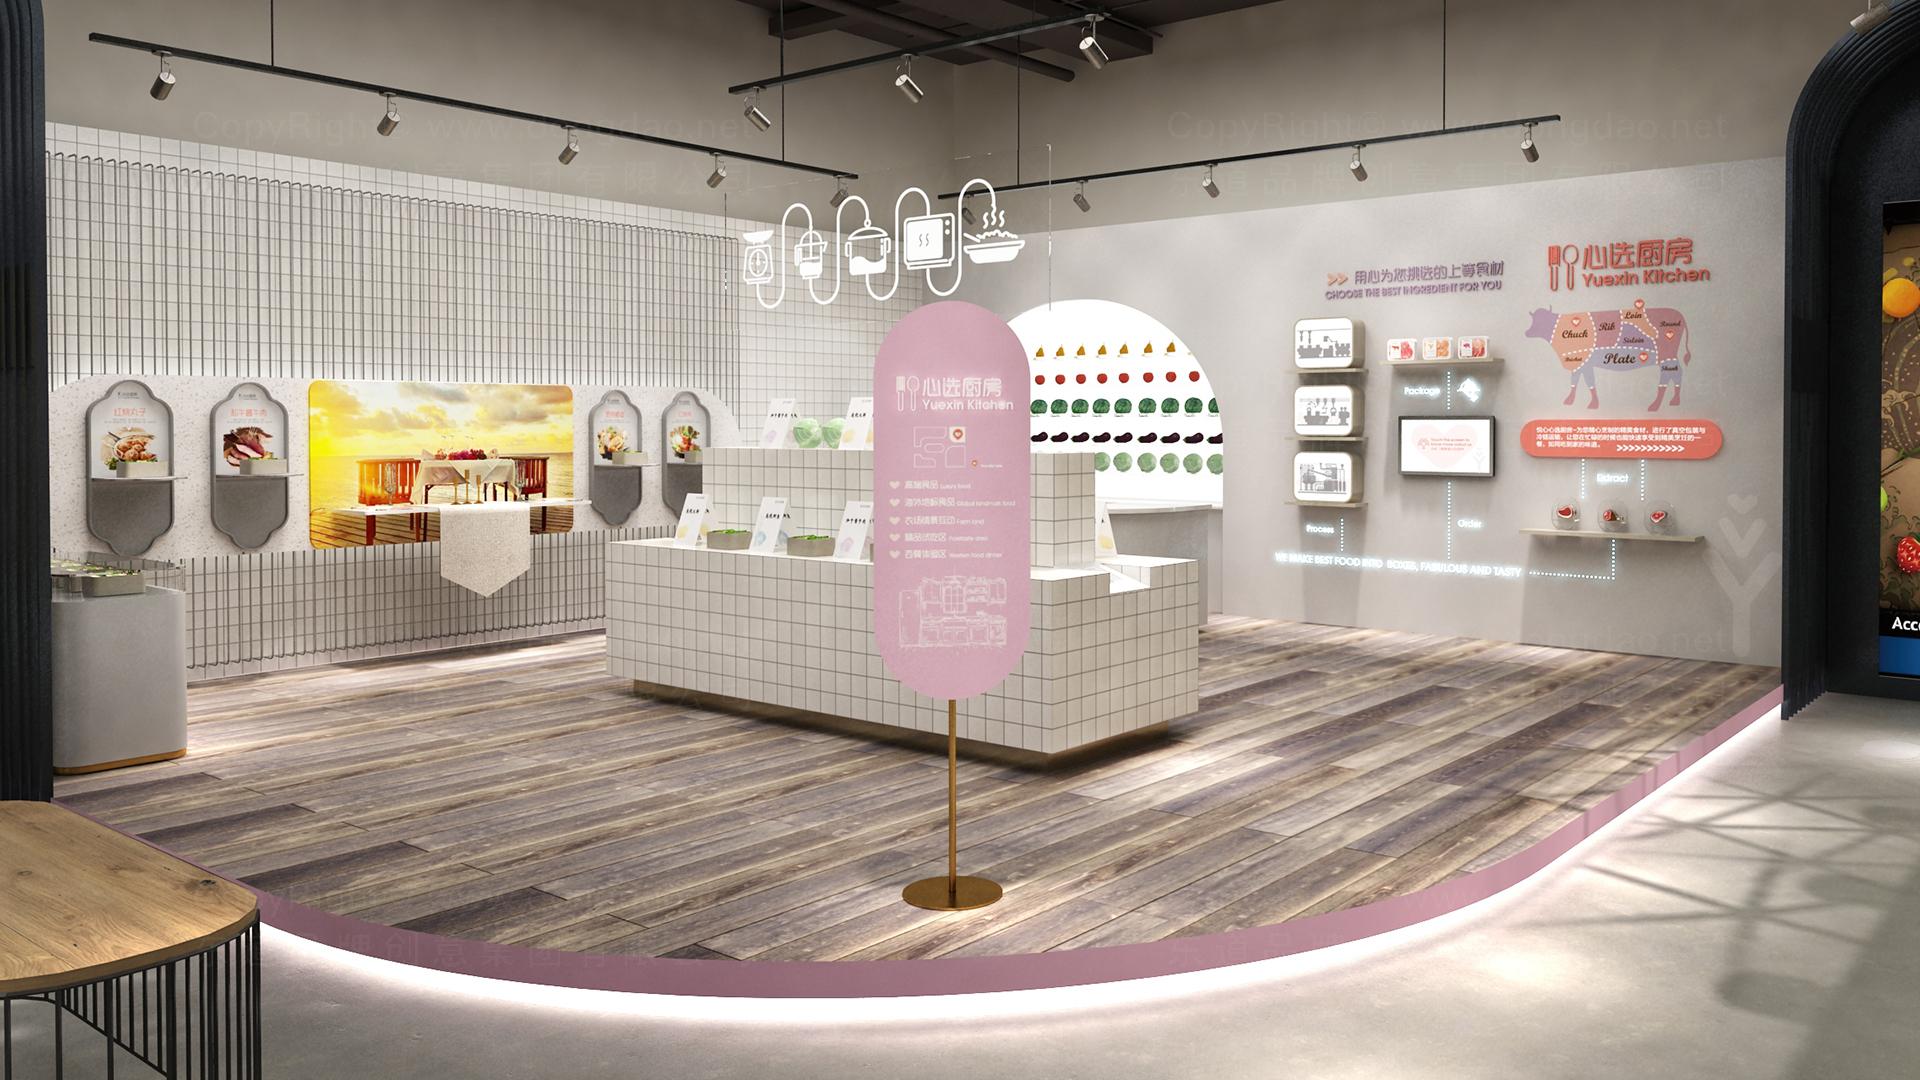 商业空间&导示悦心生活SI设计应用场景